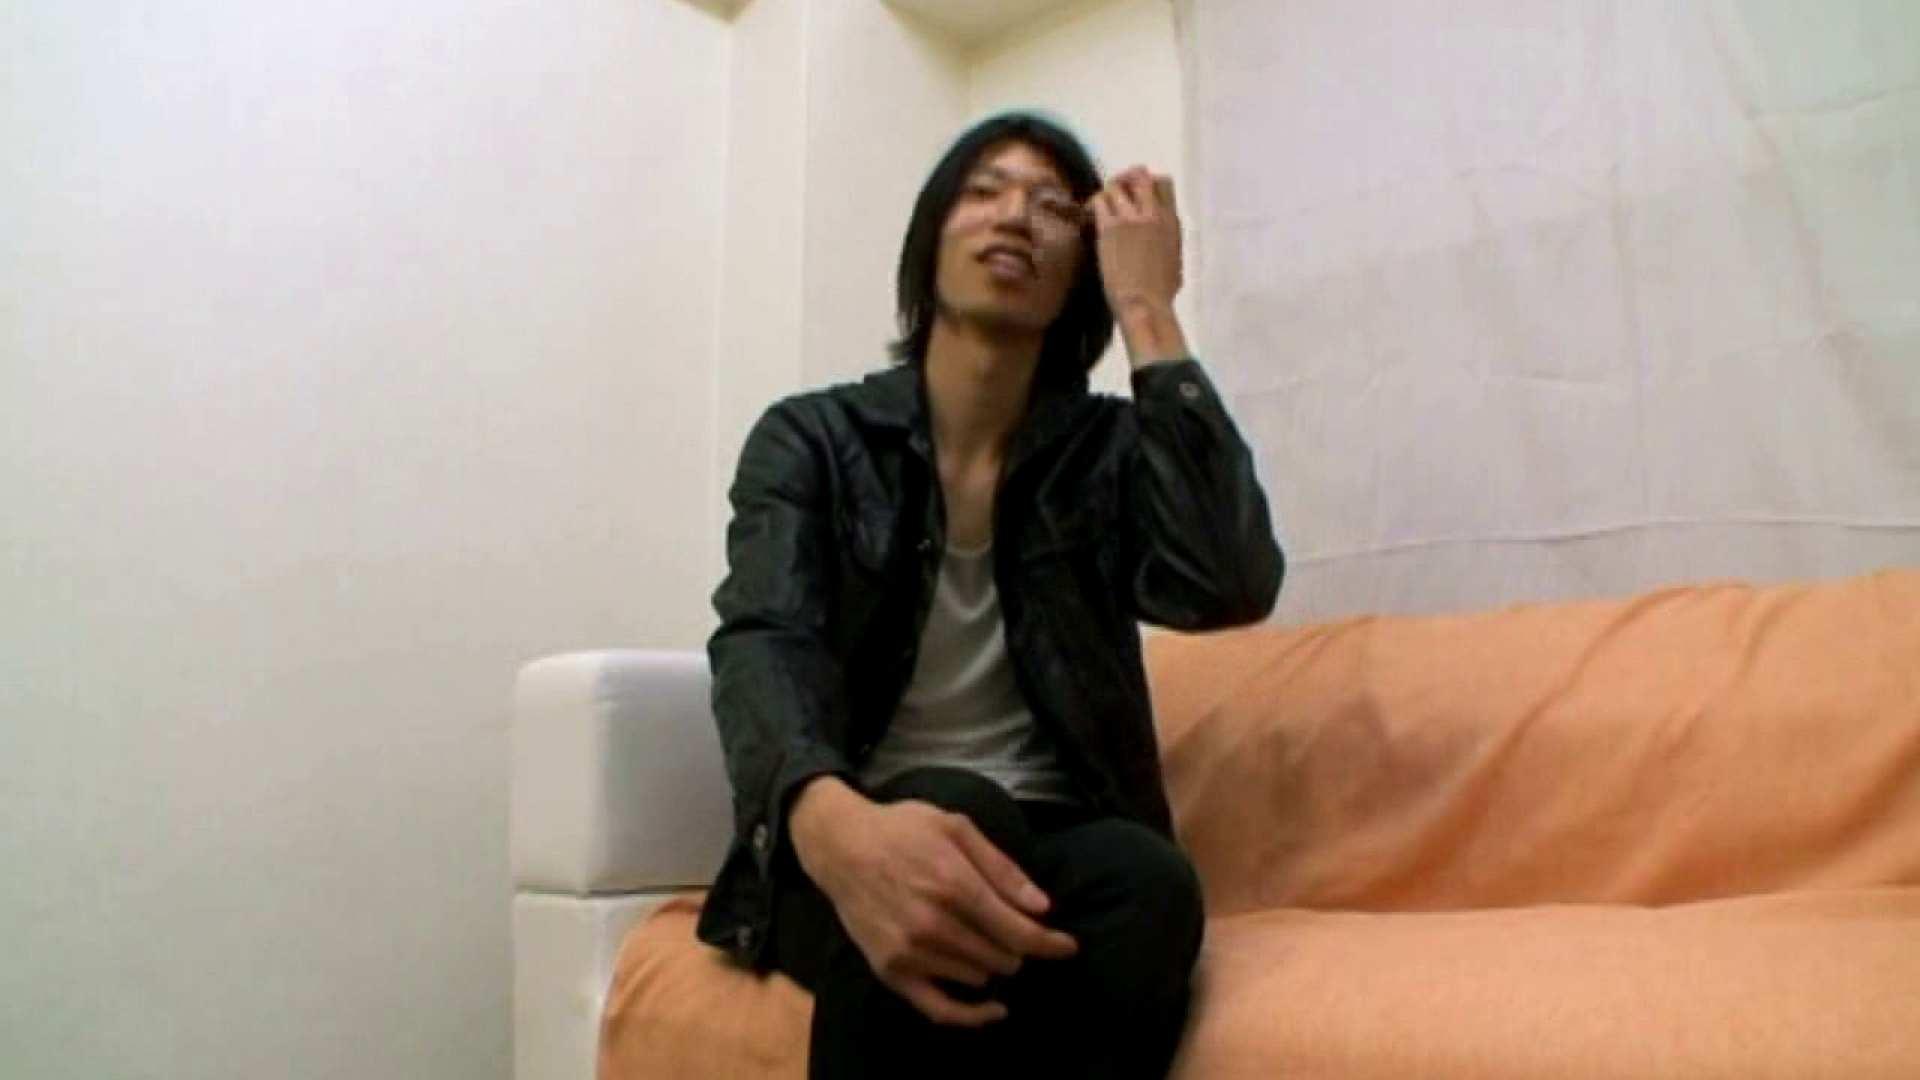 ノンケ!自慰スタジオ No.36 ノンケ  68pic 12